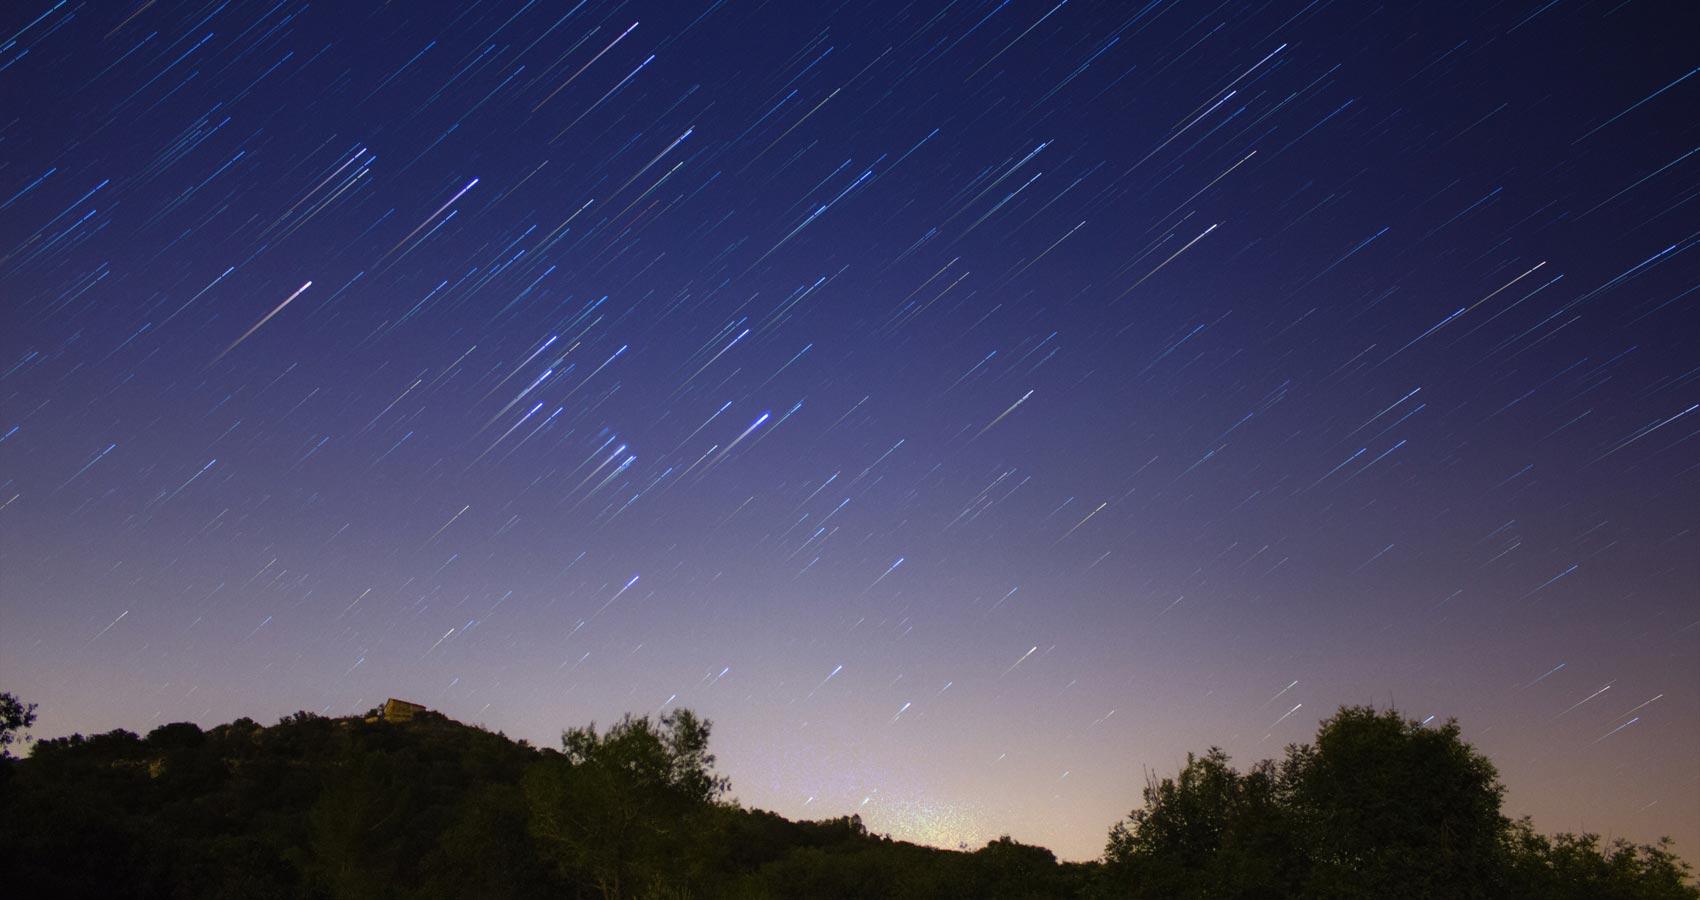 Noc Spadających Gwiazd, a poem by Yvette Popławska at Spillwords.com